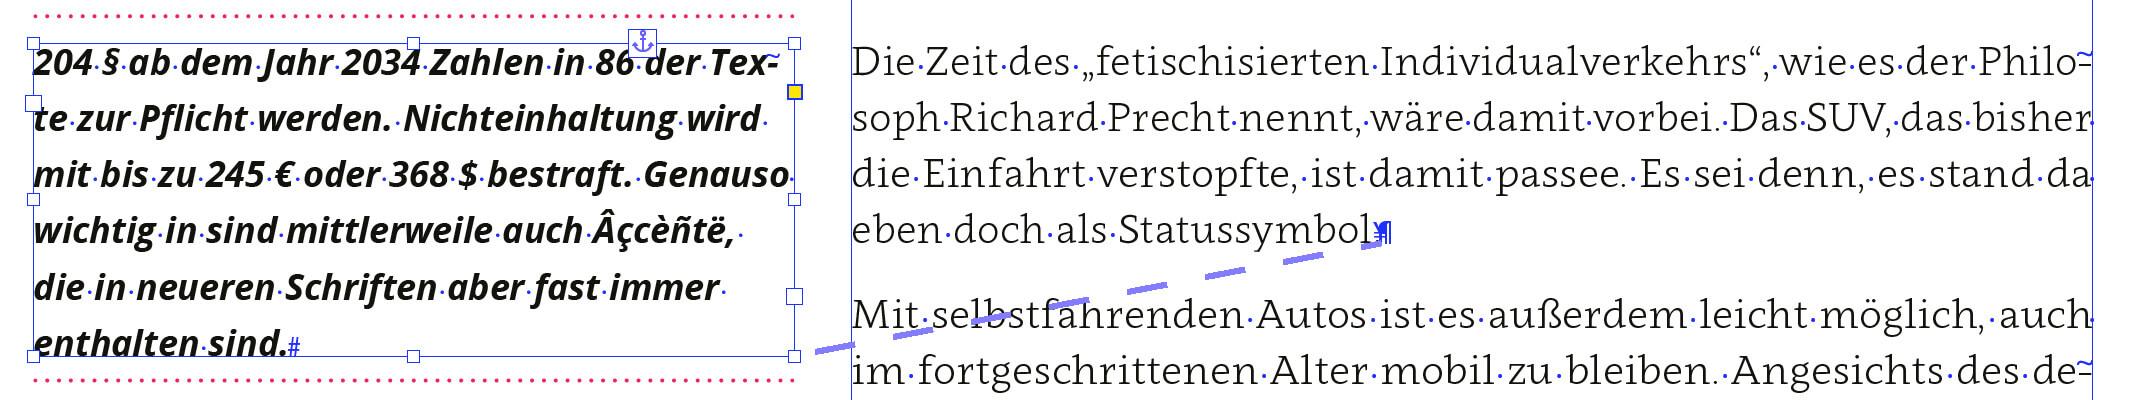 Gemütlich Verwendung Von Indesign Vorlagen Zeitgenössisch - Beispiel ...